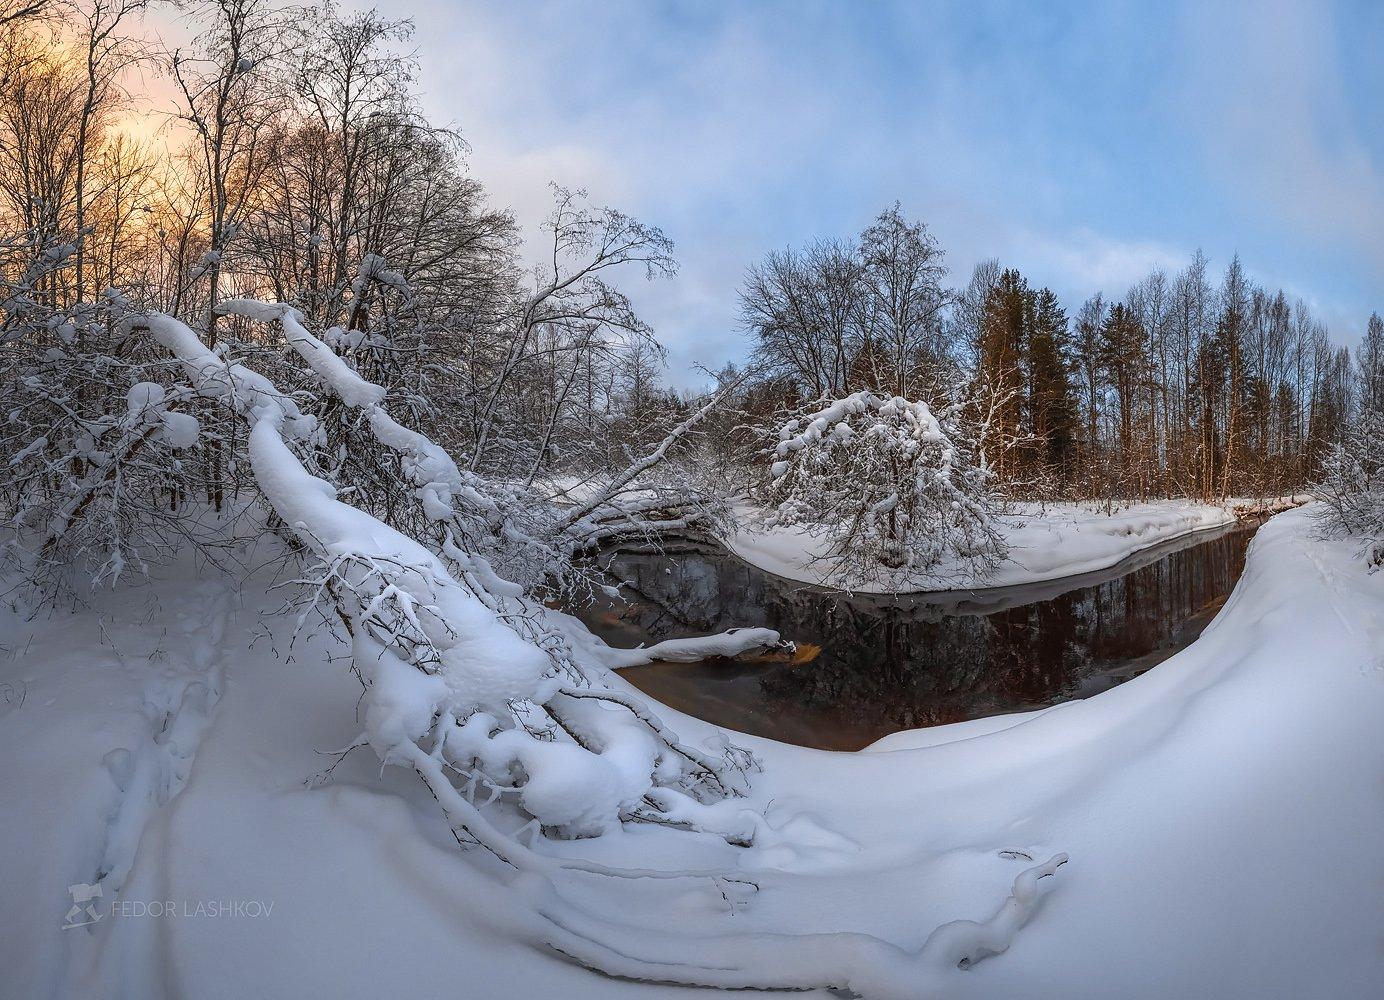 ленинградская область, рассвет, снег, зима, лес, дерево, снегопад, река, ветви, небо,, Лашков Фёдор